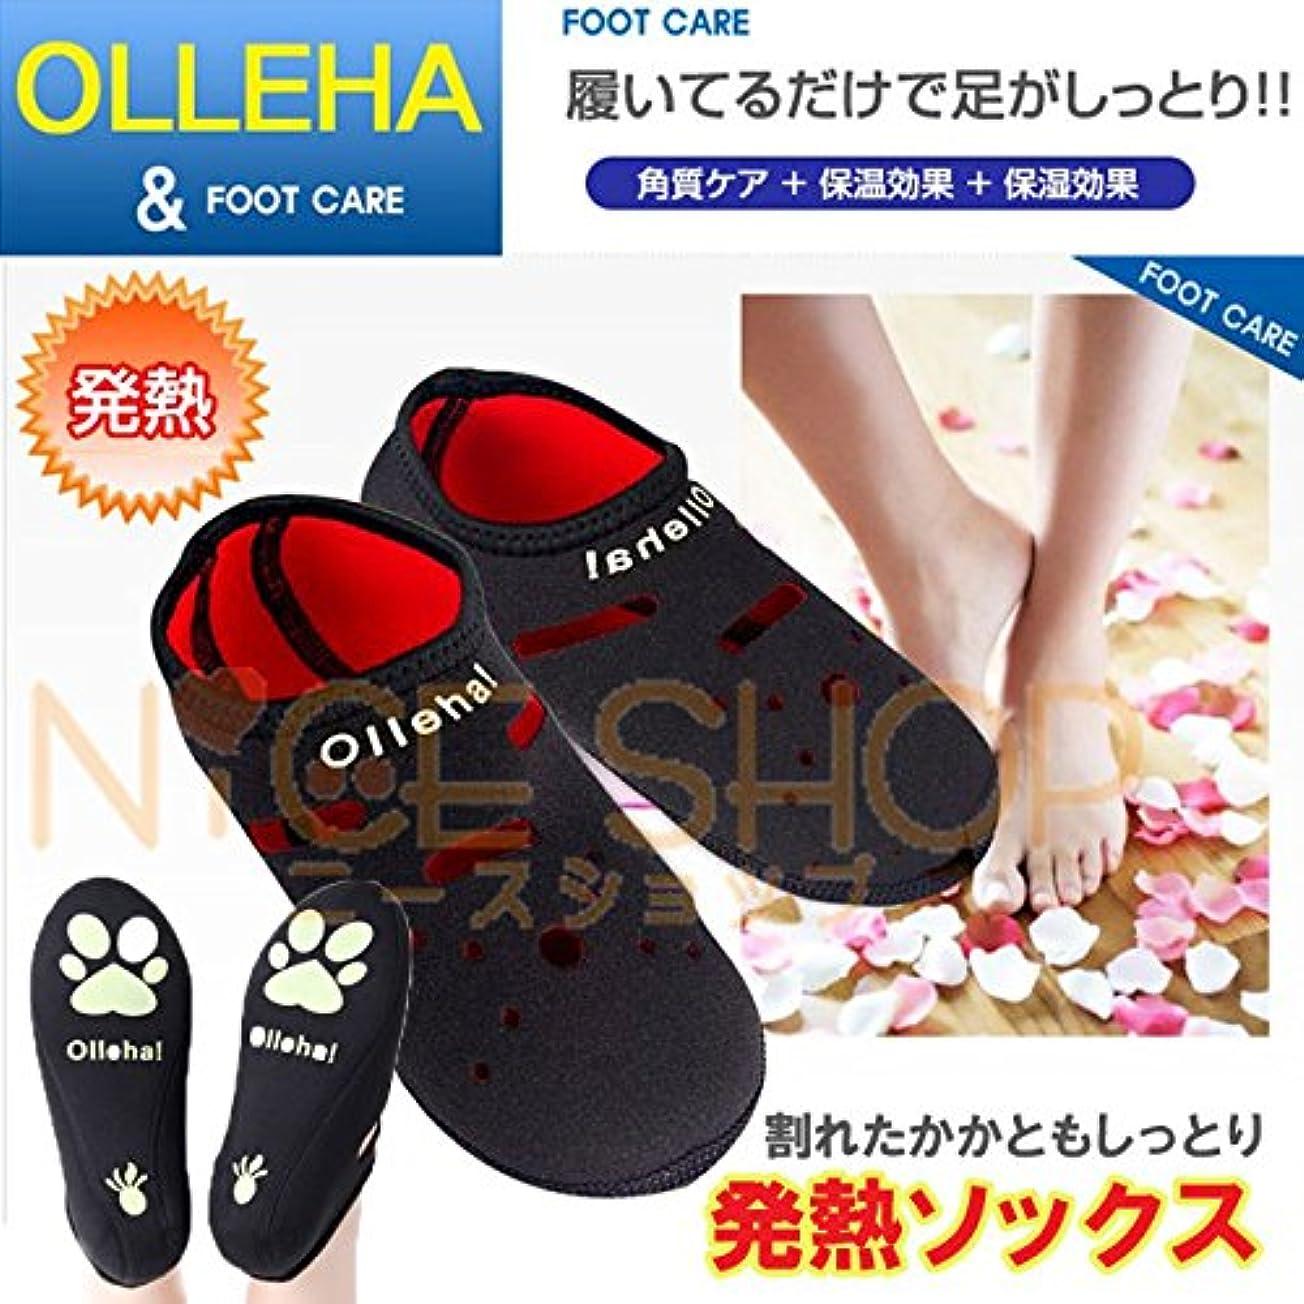 見つけるモバイル羨望発熱靴下(足袋)発熱ソックス、フットケアー Olleha! (M(23.5~24.0))